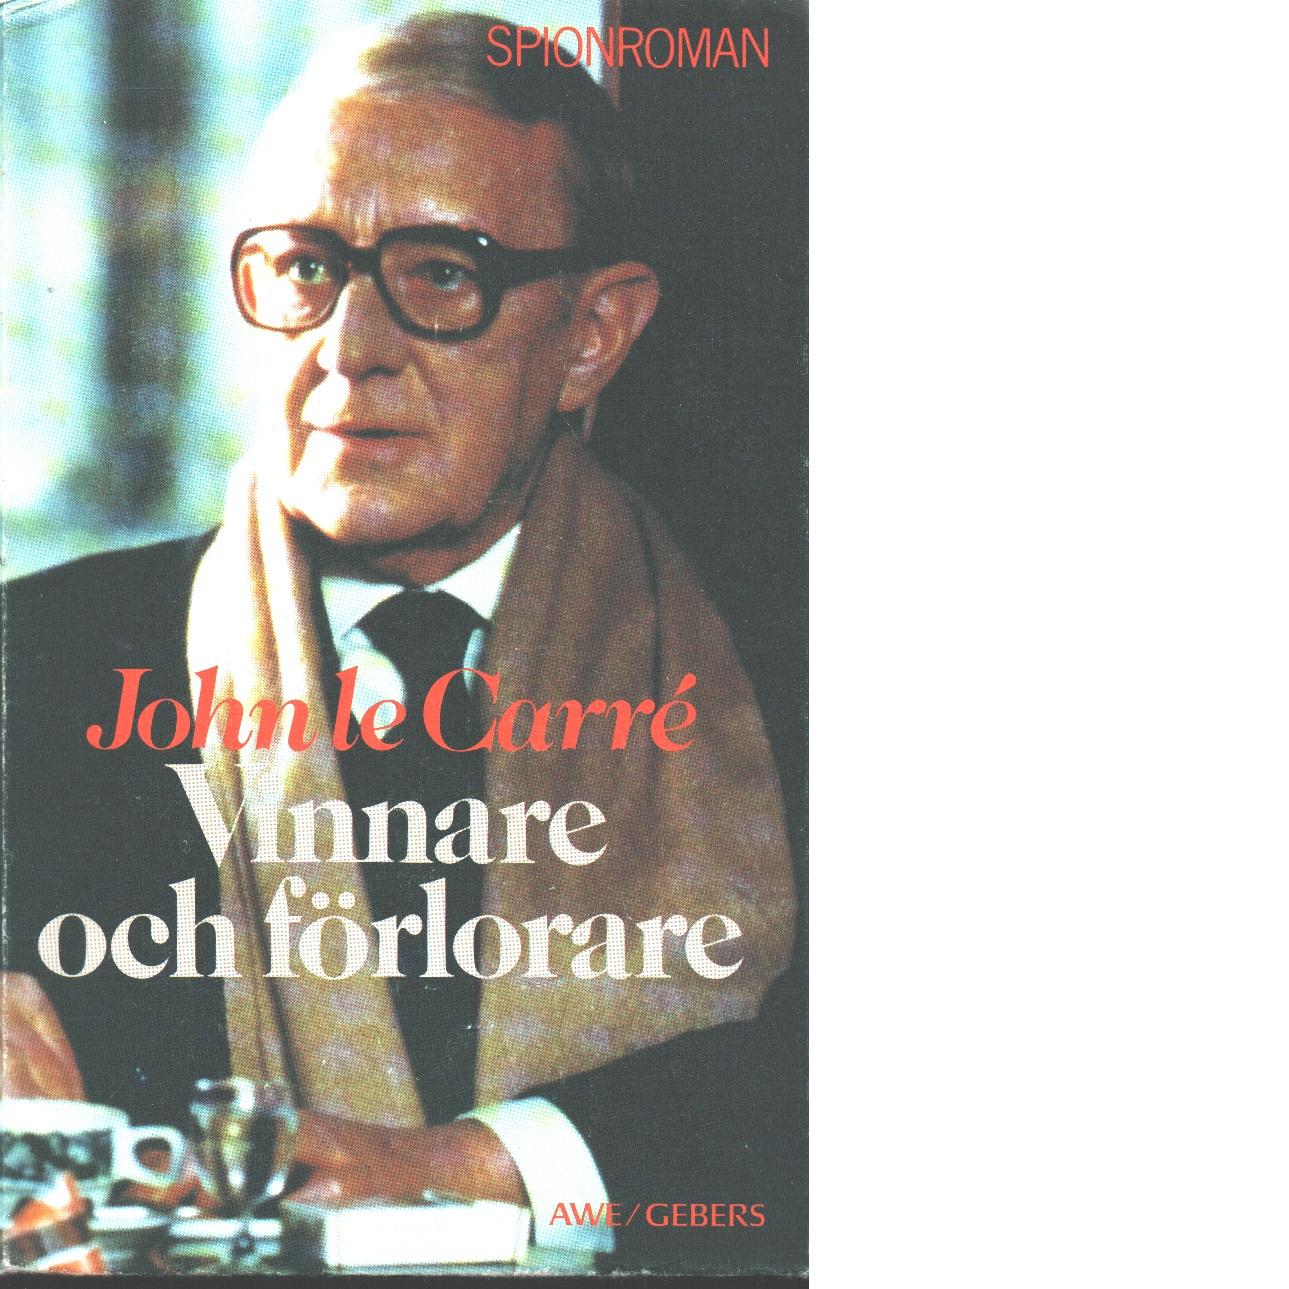 Vinnare och förlorare - le Carré, John